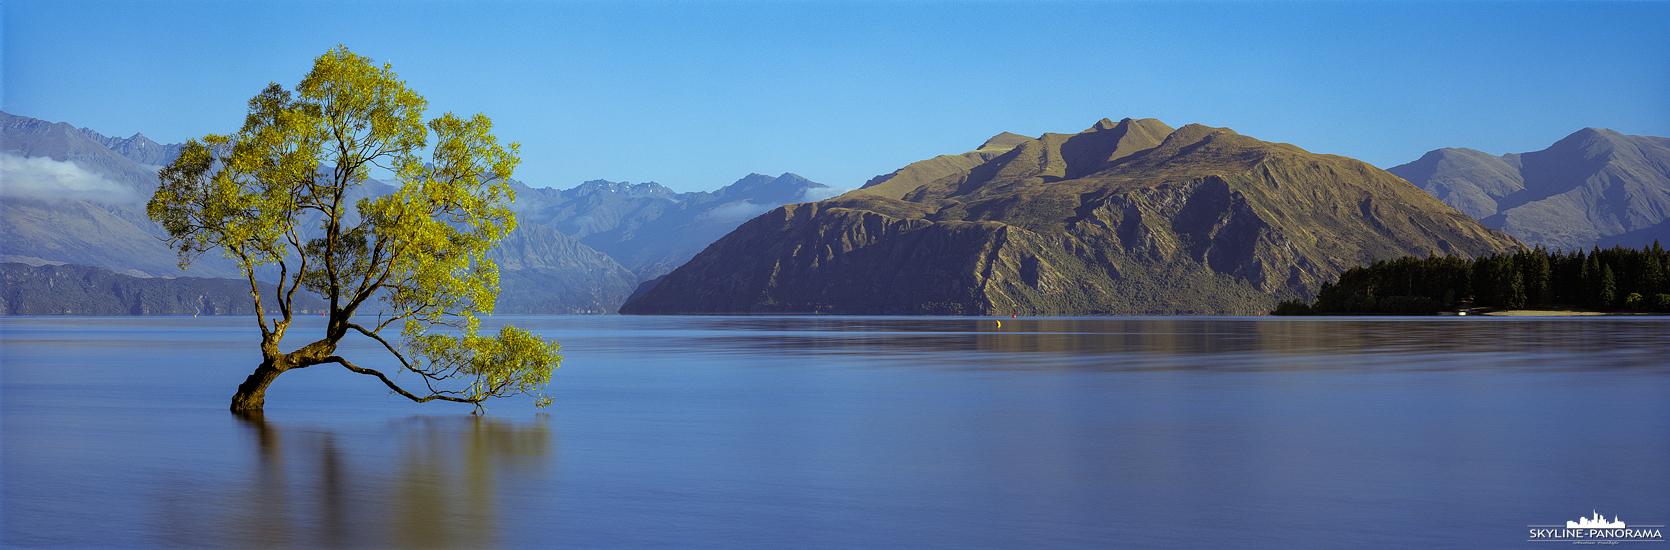 """Neuseeland Panorama - Der bekannteste Baum von Neuseeland ist der, meist im Wasser des Lake Wanaka stehende, Baum, der weltweit unter der Bezeichnung """"That Wanaka Tree"""" bekannt ist. Dies gilt zumindest für Landschaftsfotografen, die wie ich, extra für dieses Bild an den Lake Wanaka gereist sind."""